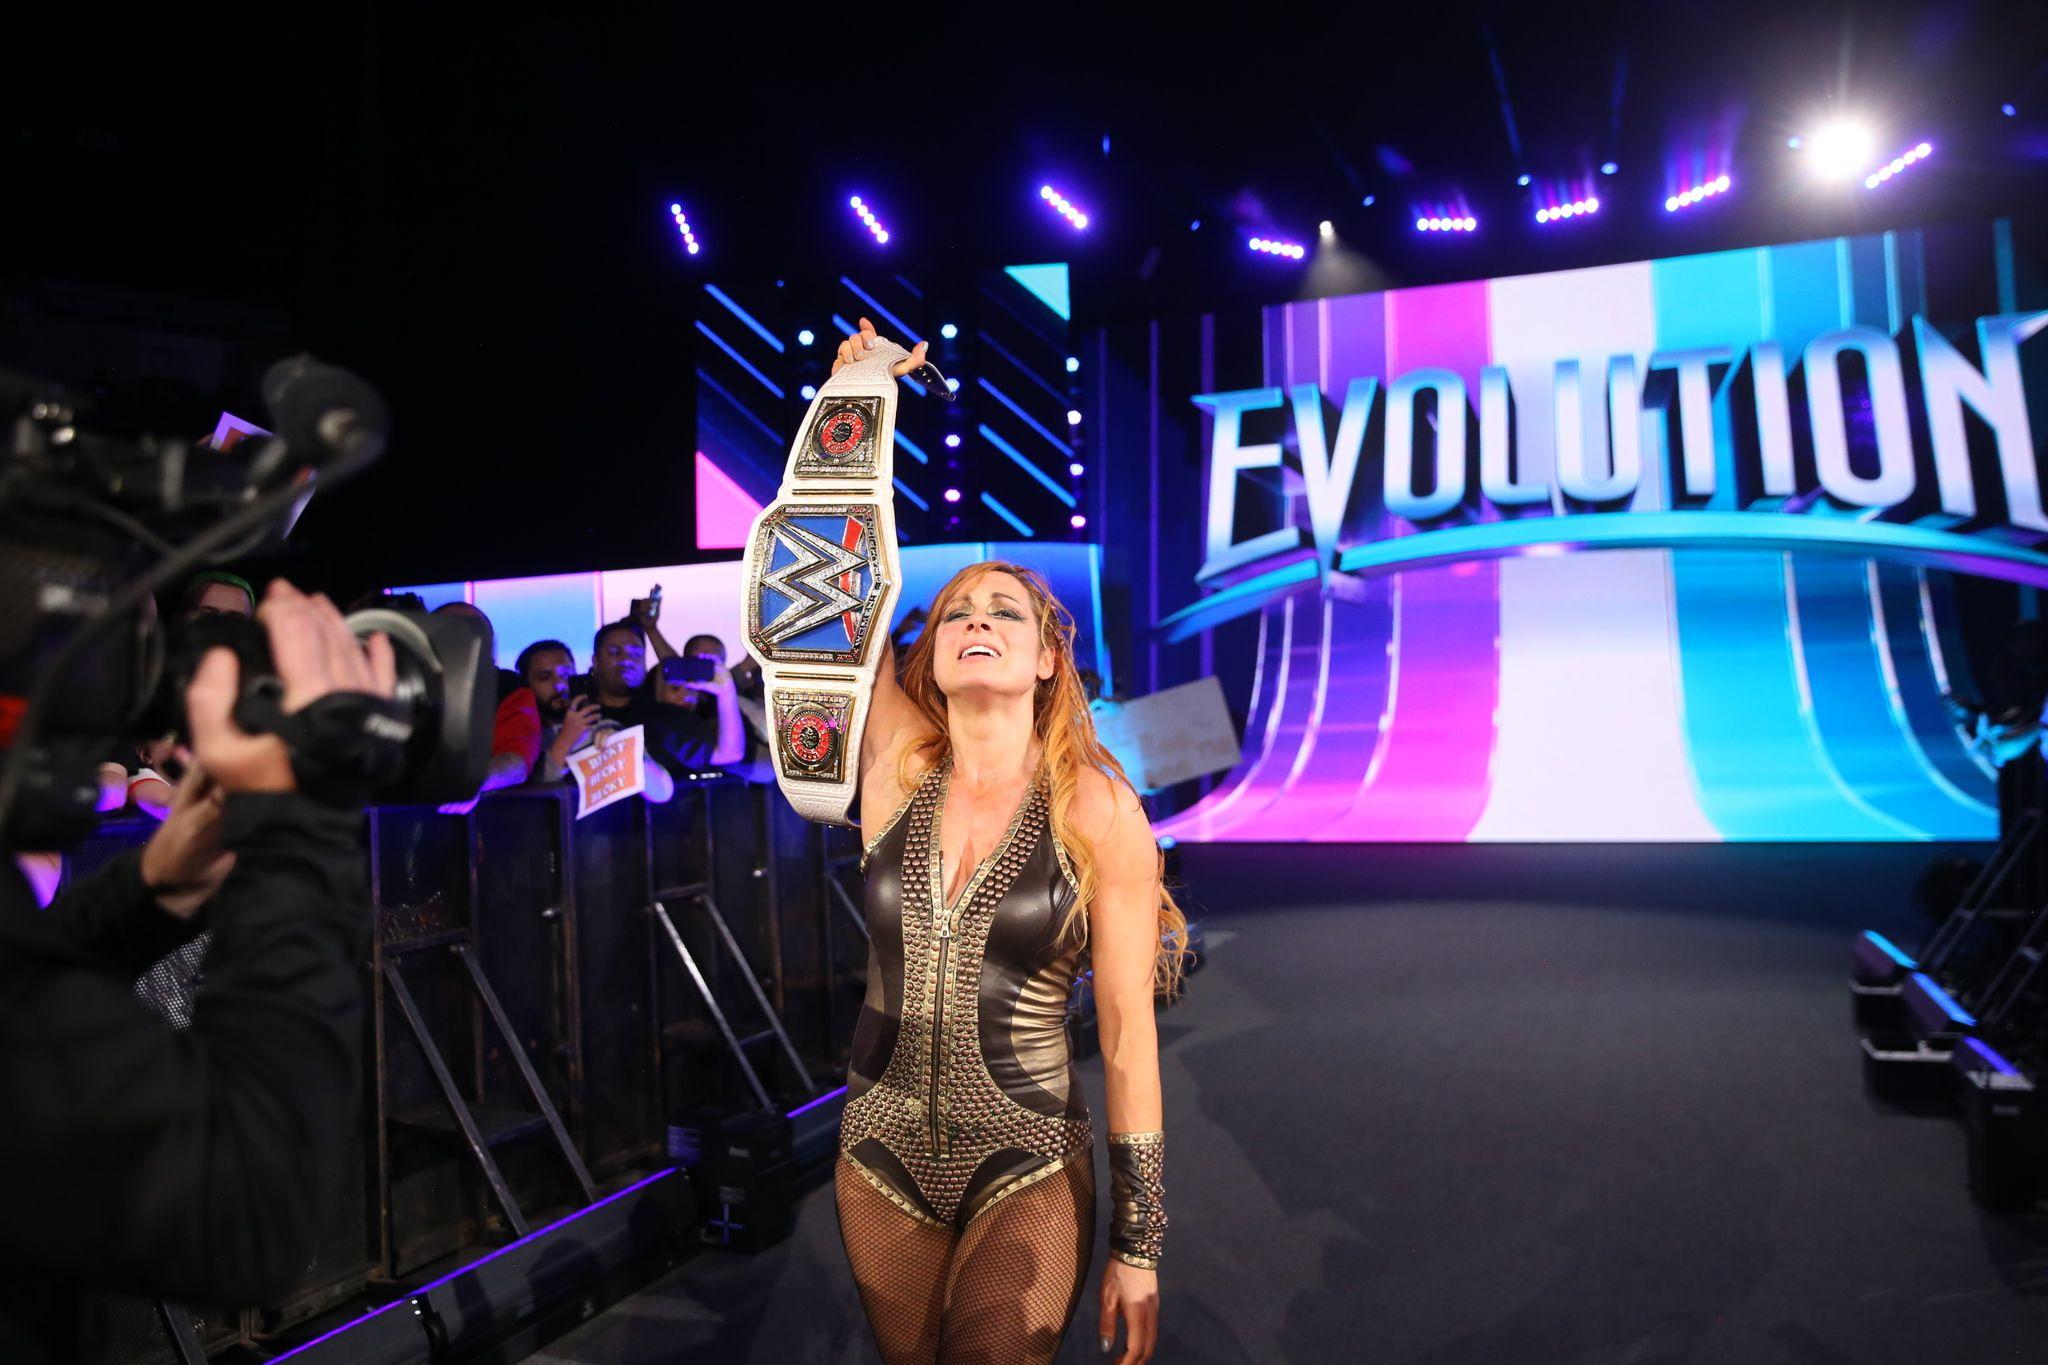 becky lynch wins evolution